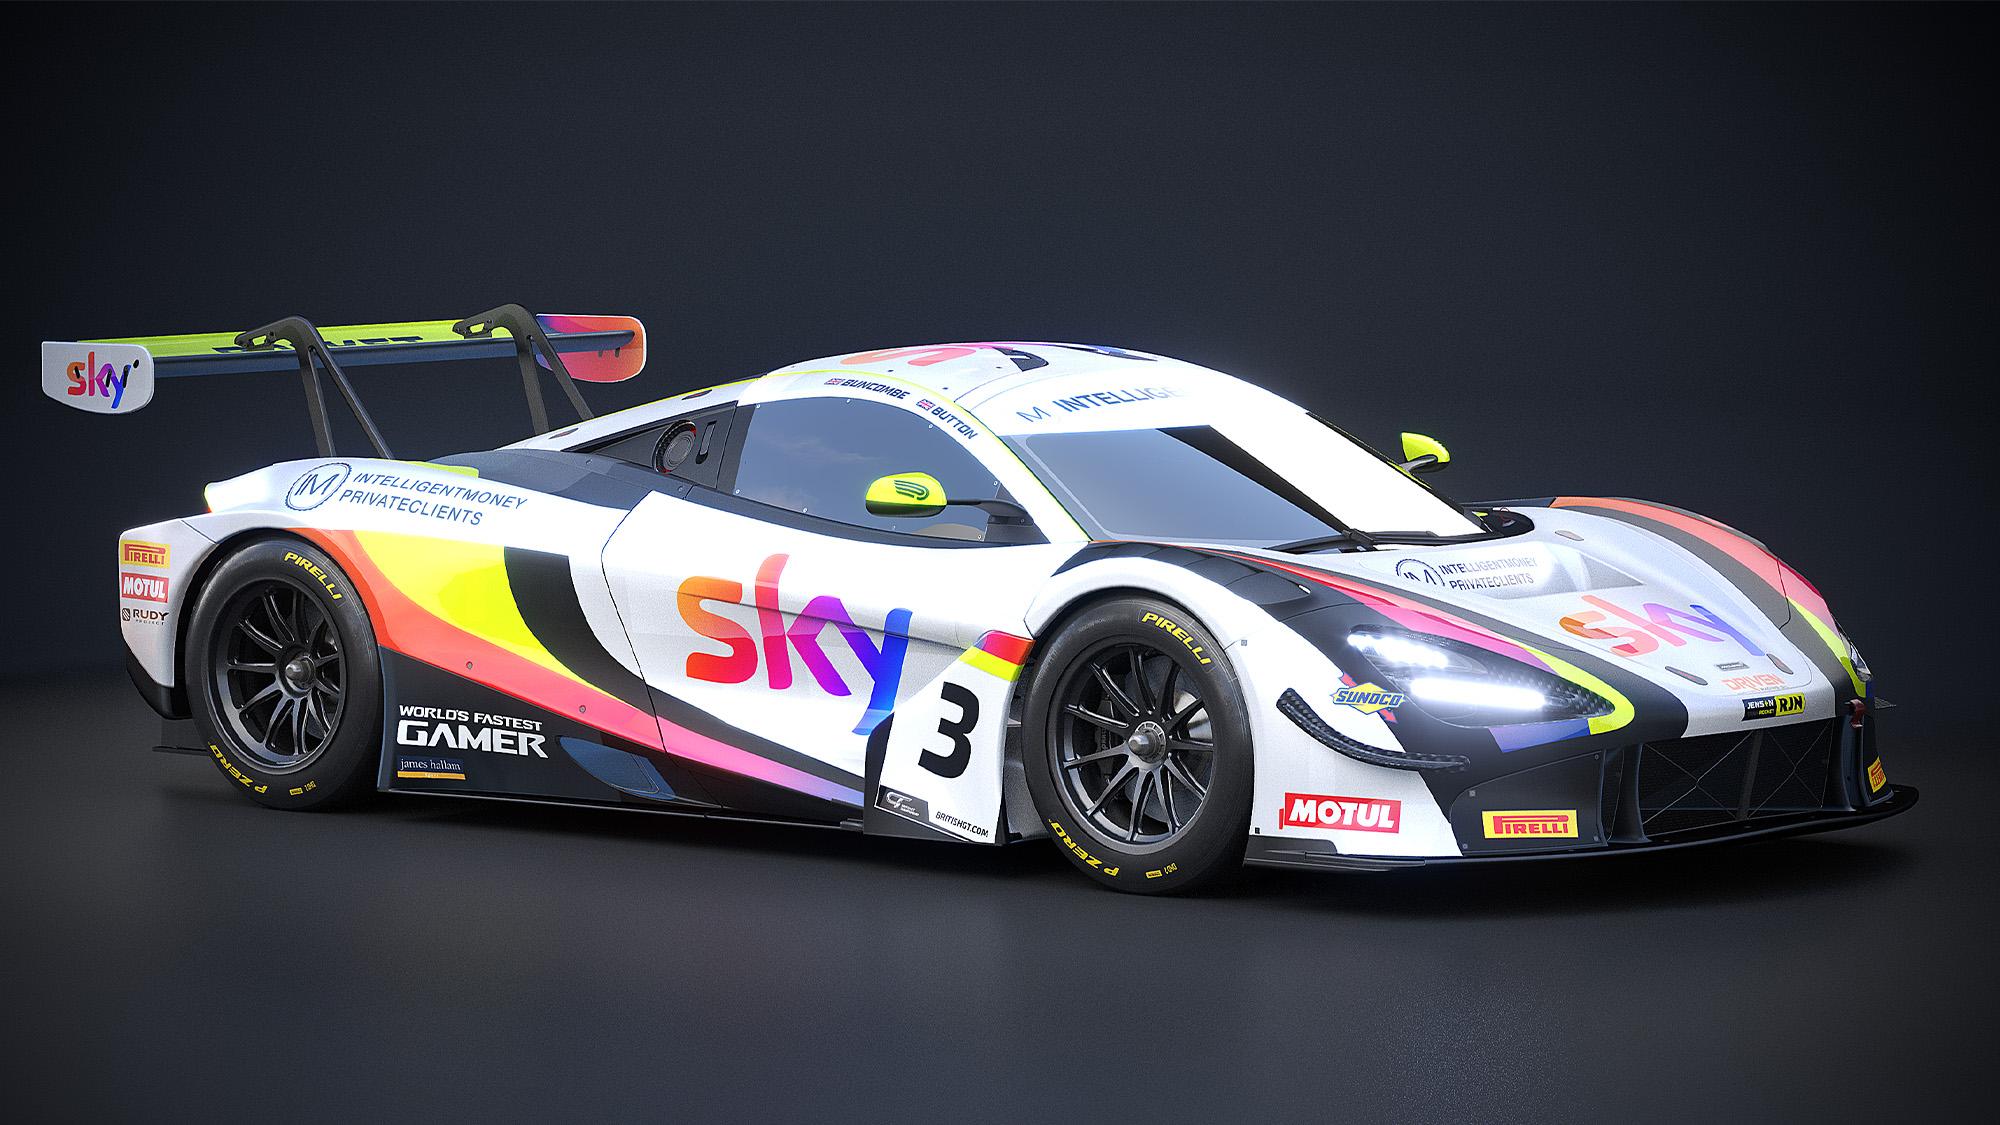 Jenson Button's McLaren 720S GT3 for 2020 Silverstone British GT round